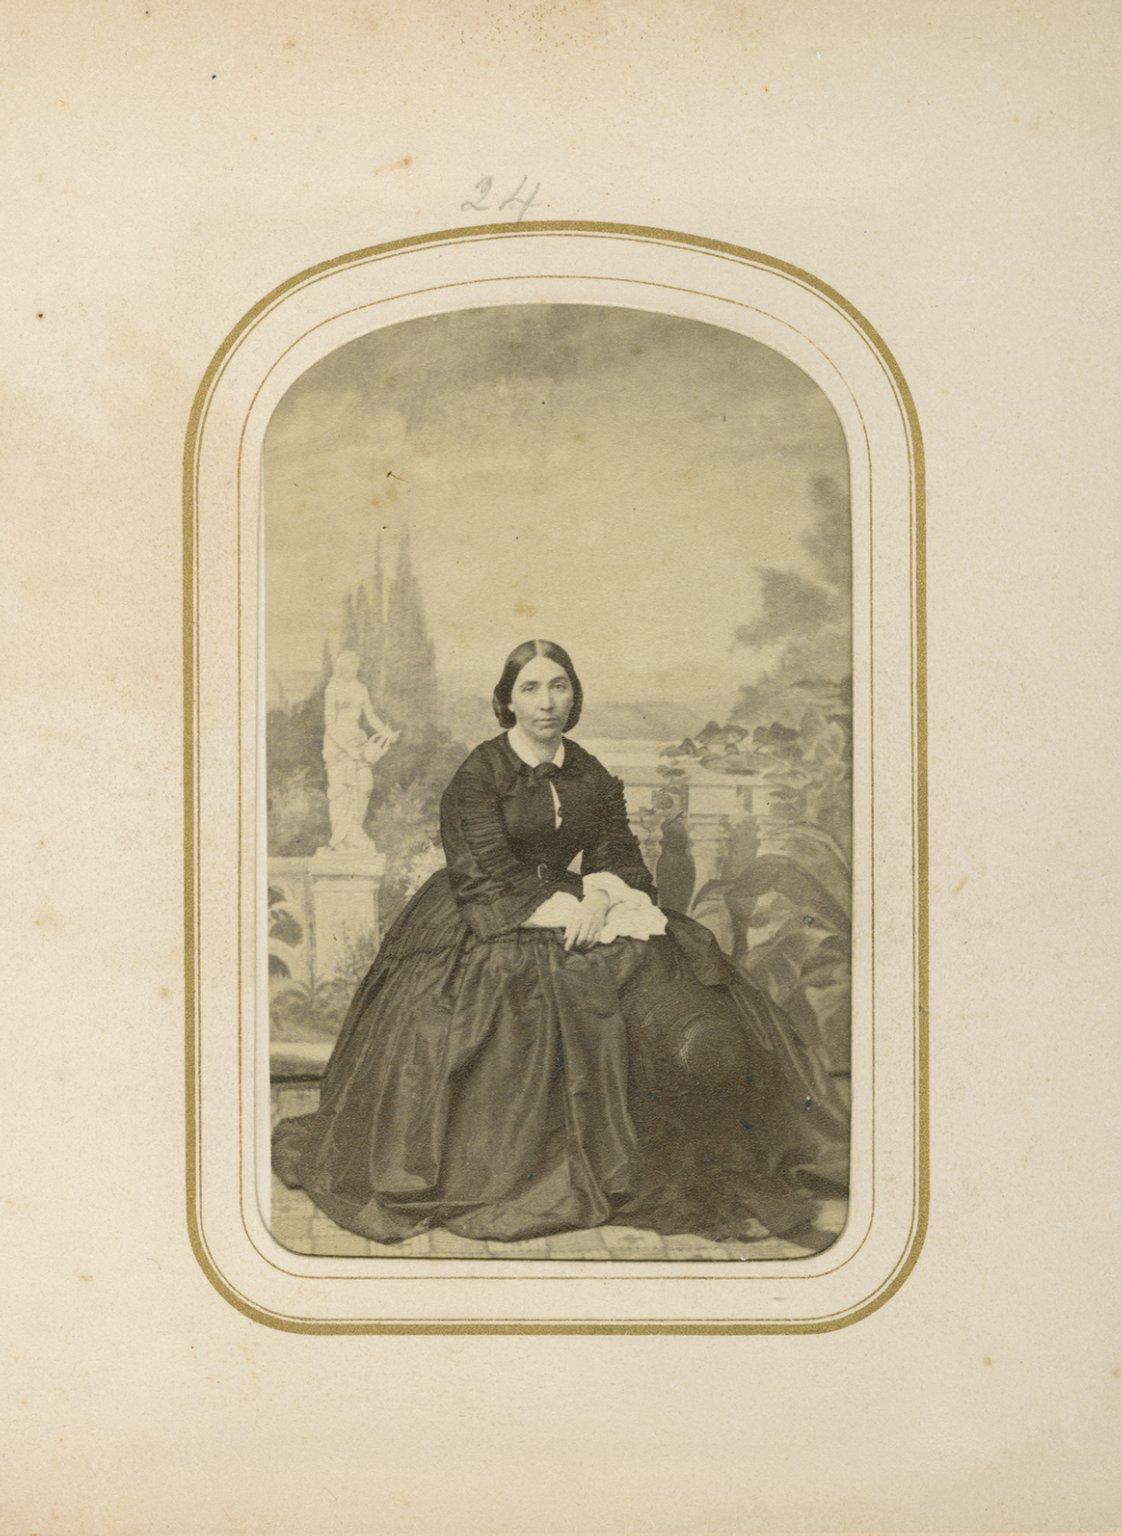 Mrs. John C. Fremont